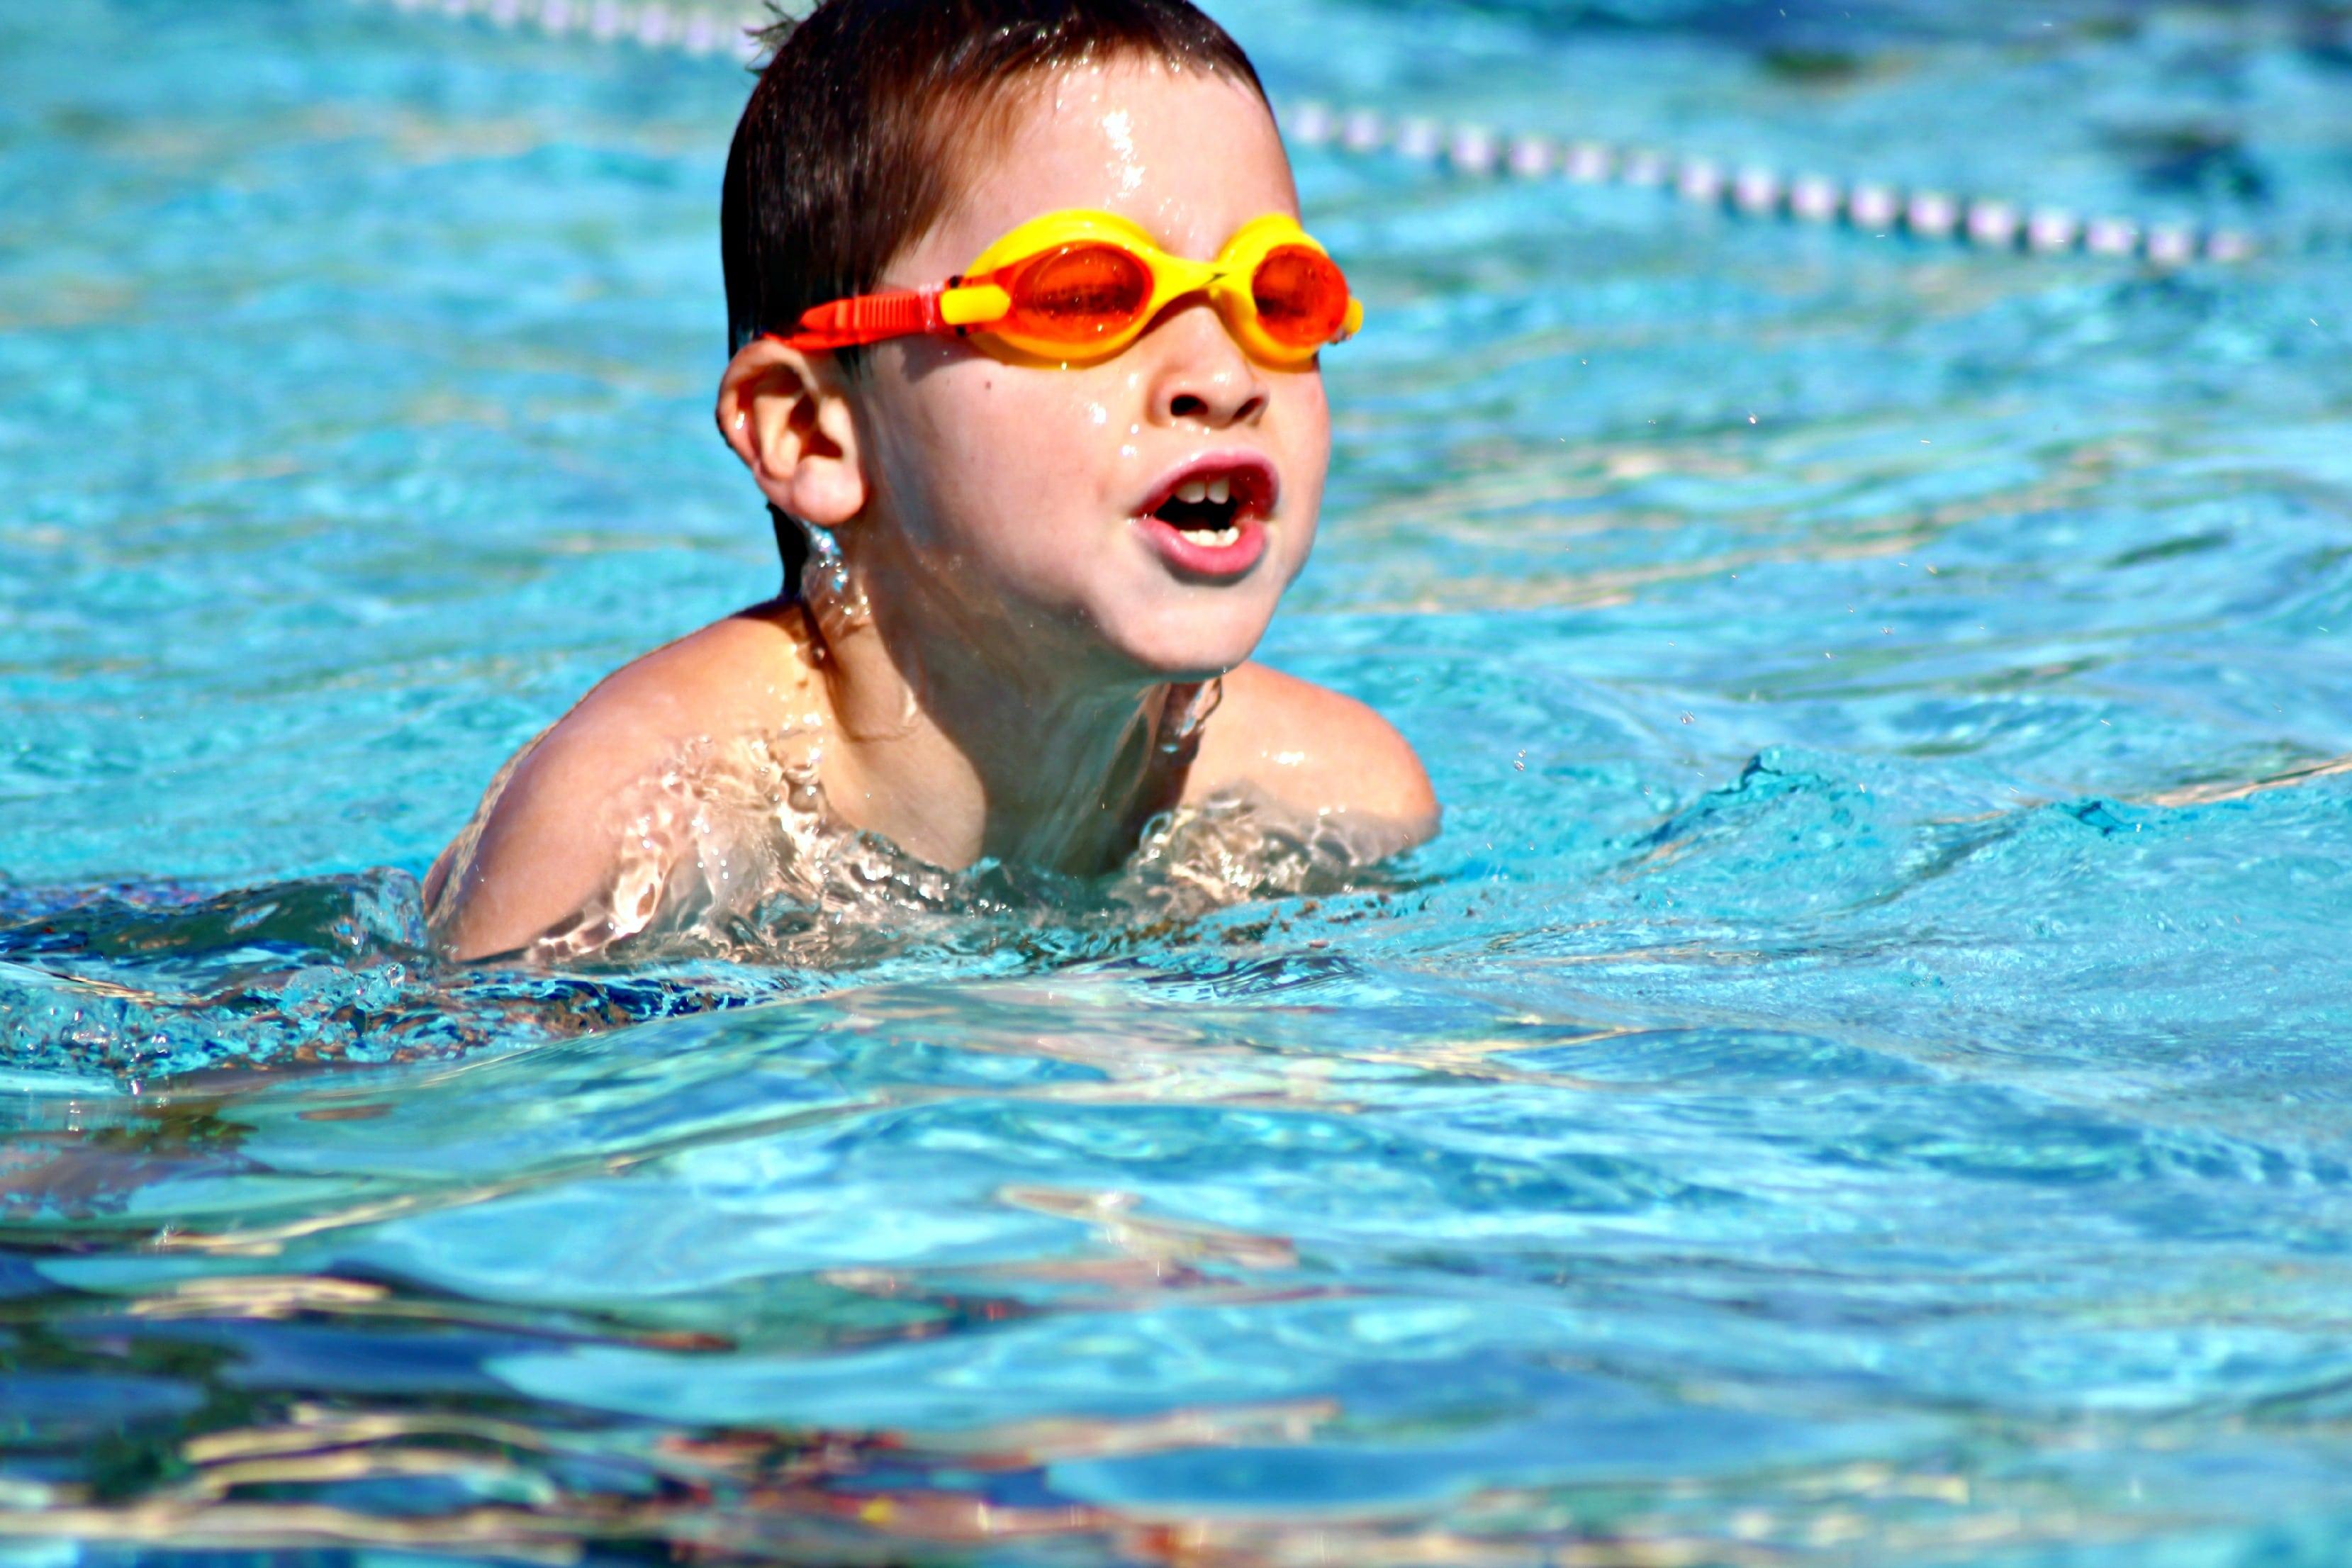 Las múltiples ventajas que ofrece el deporte al desarrollo físico y emocional de los niños